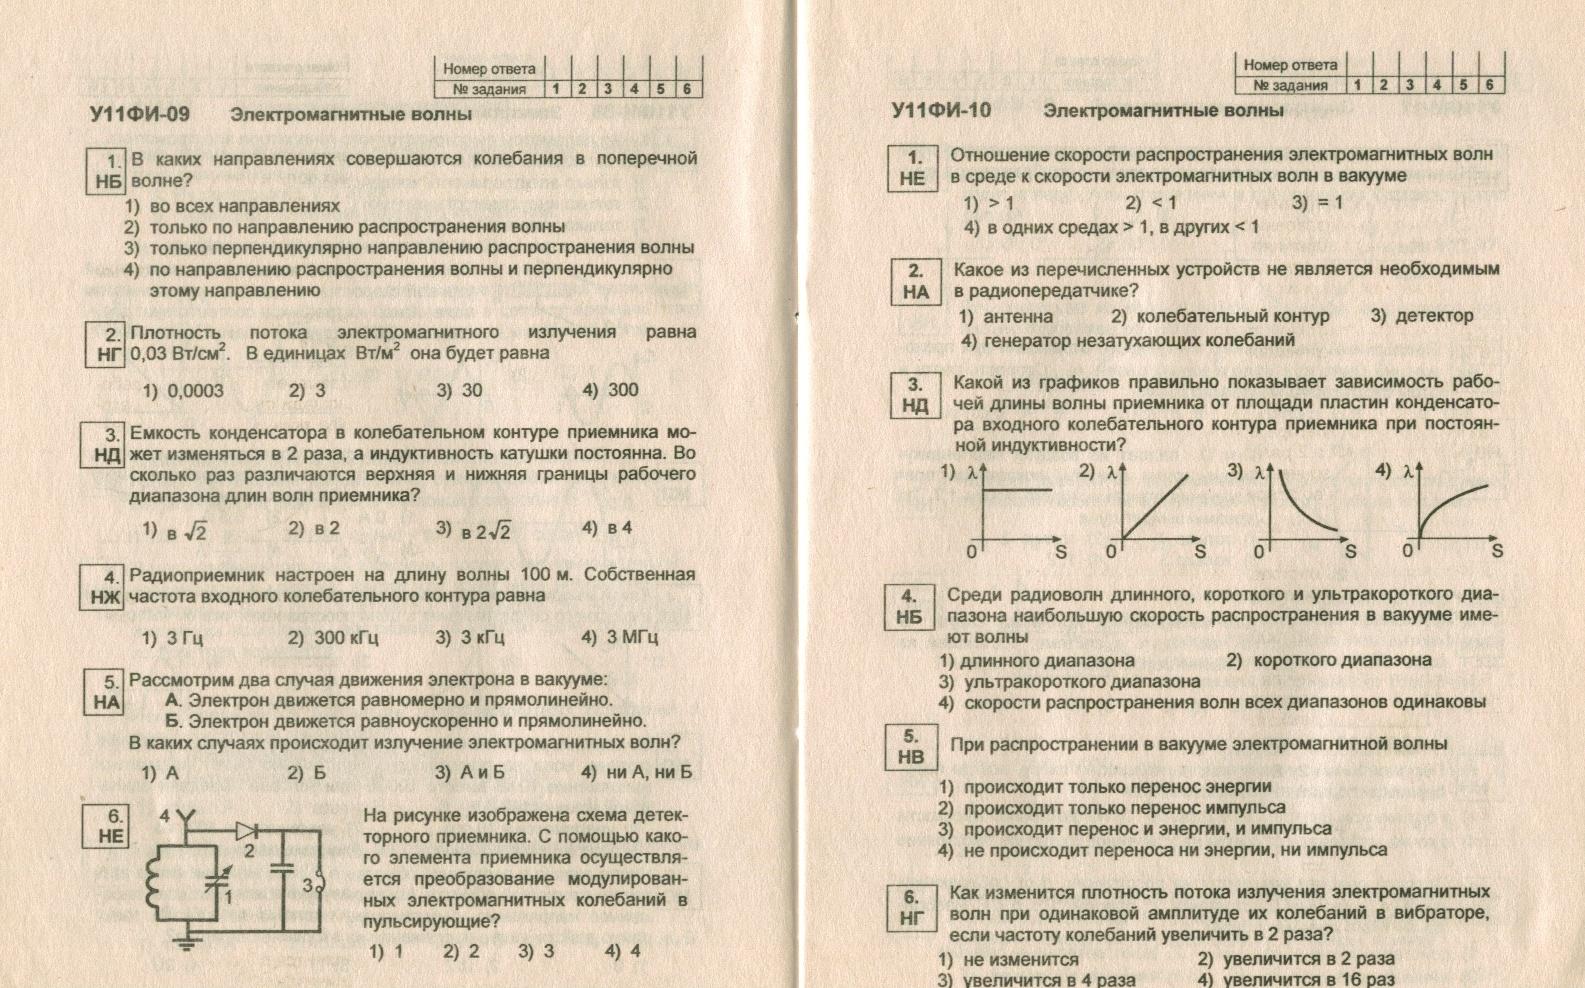 Контрольная работа по физике 11 класс мякишев